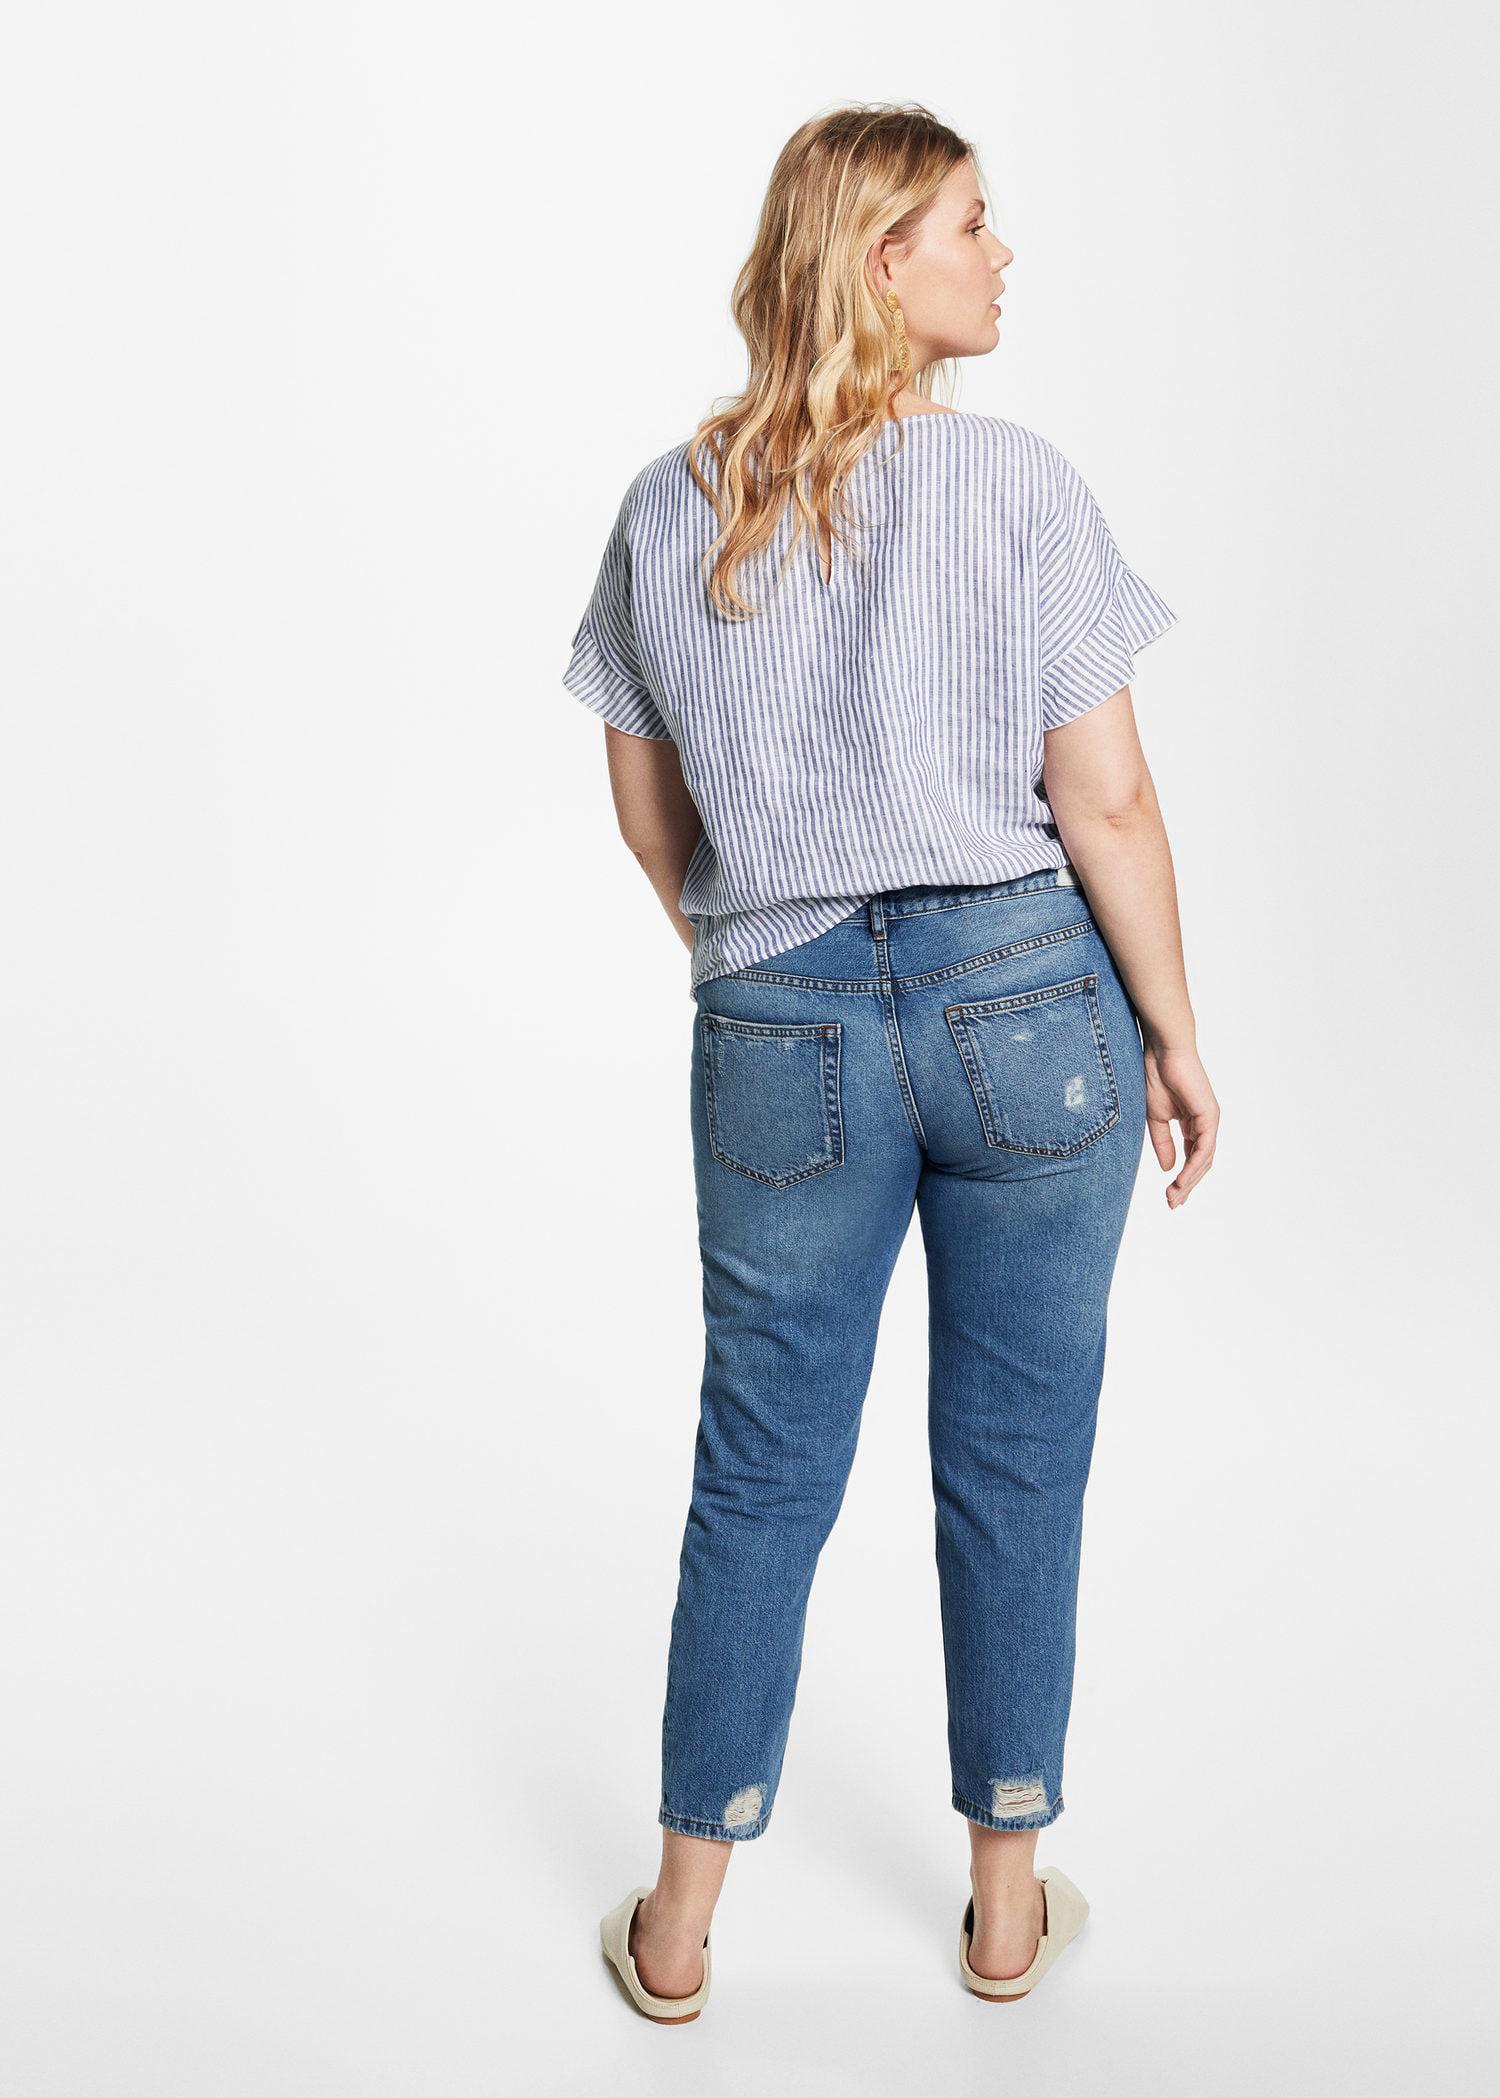 Violeta by Mango Denim Girlfriend Claudia Jeans in Blue